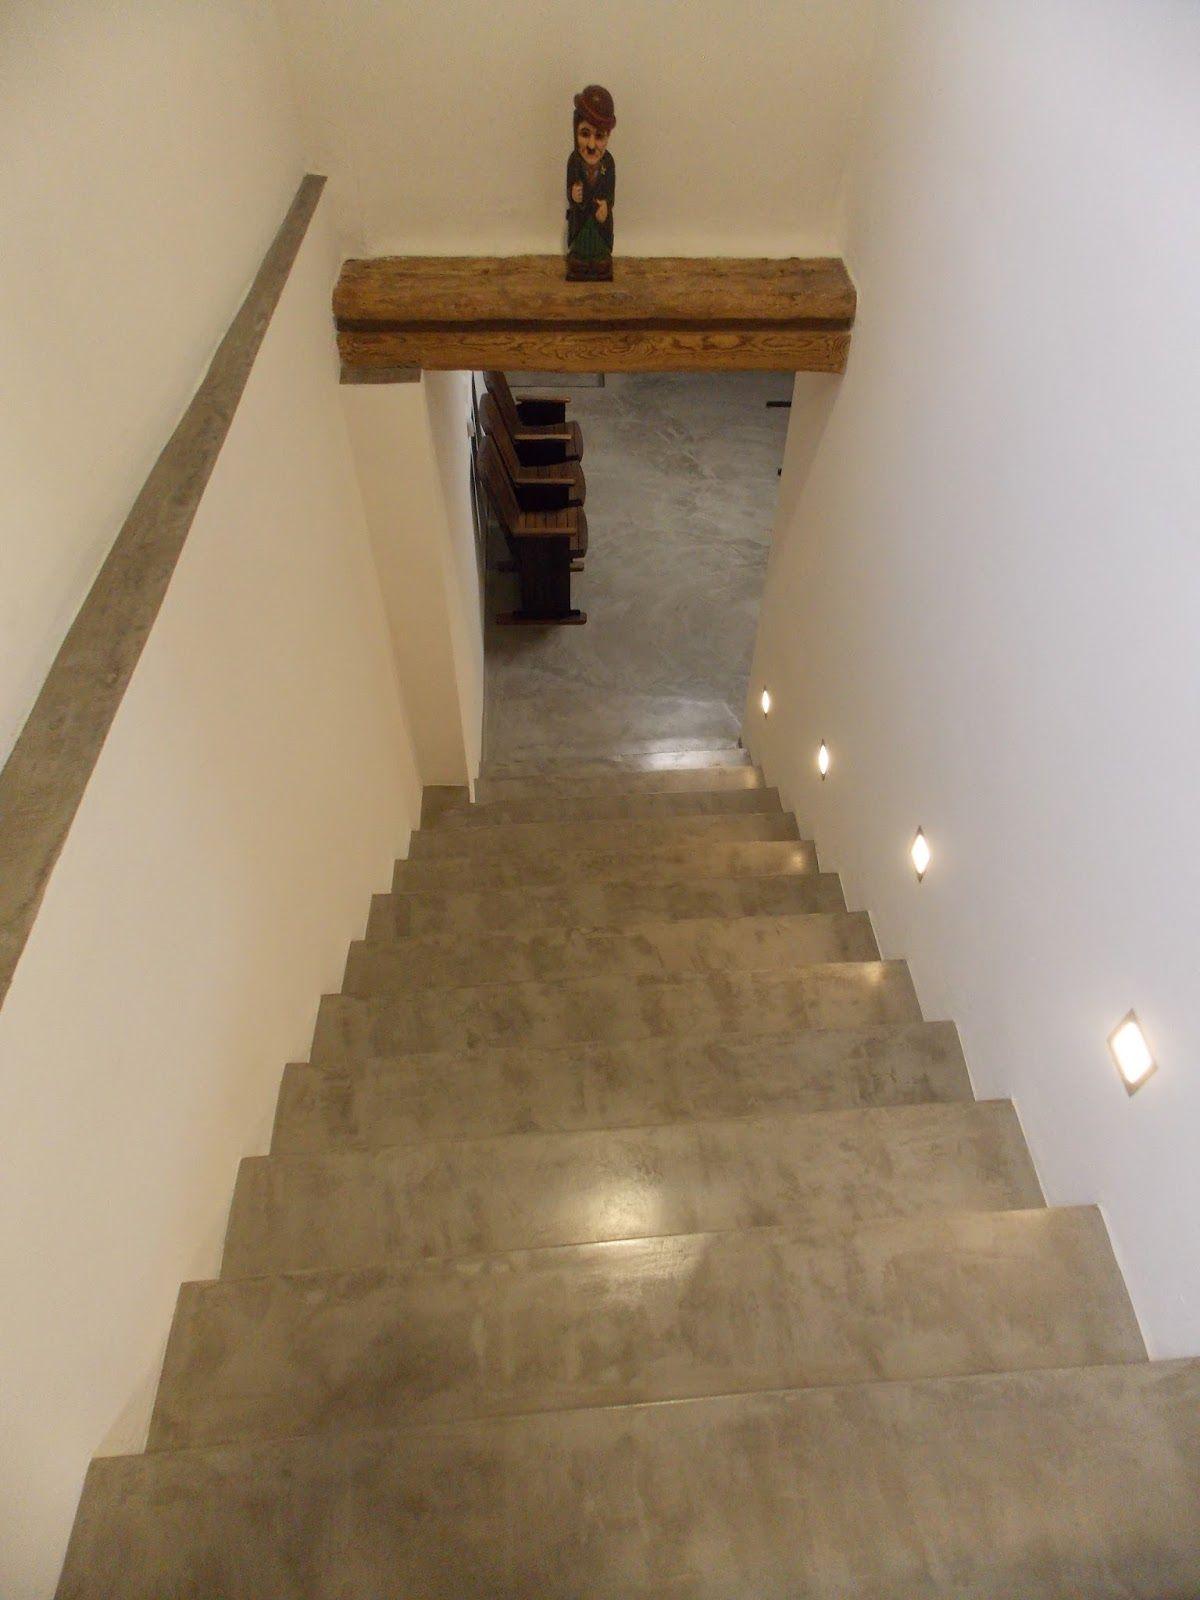 wand wohndesign beton cire   Beton cire, Wohn design, Beton putz